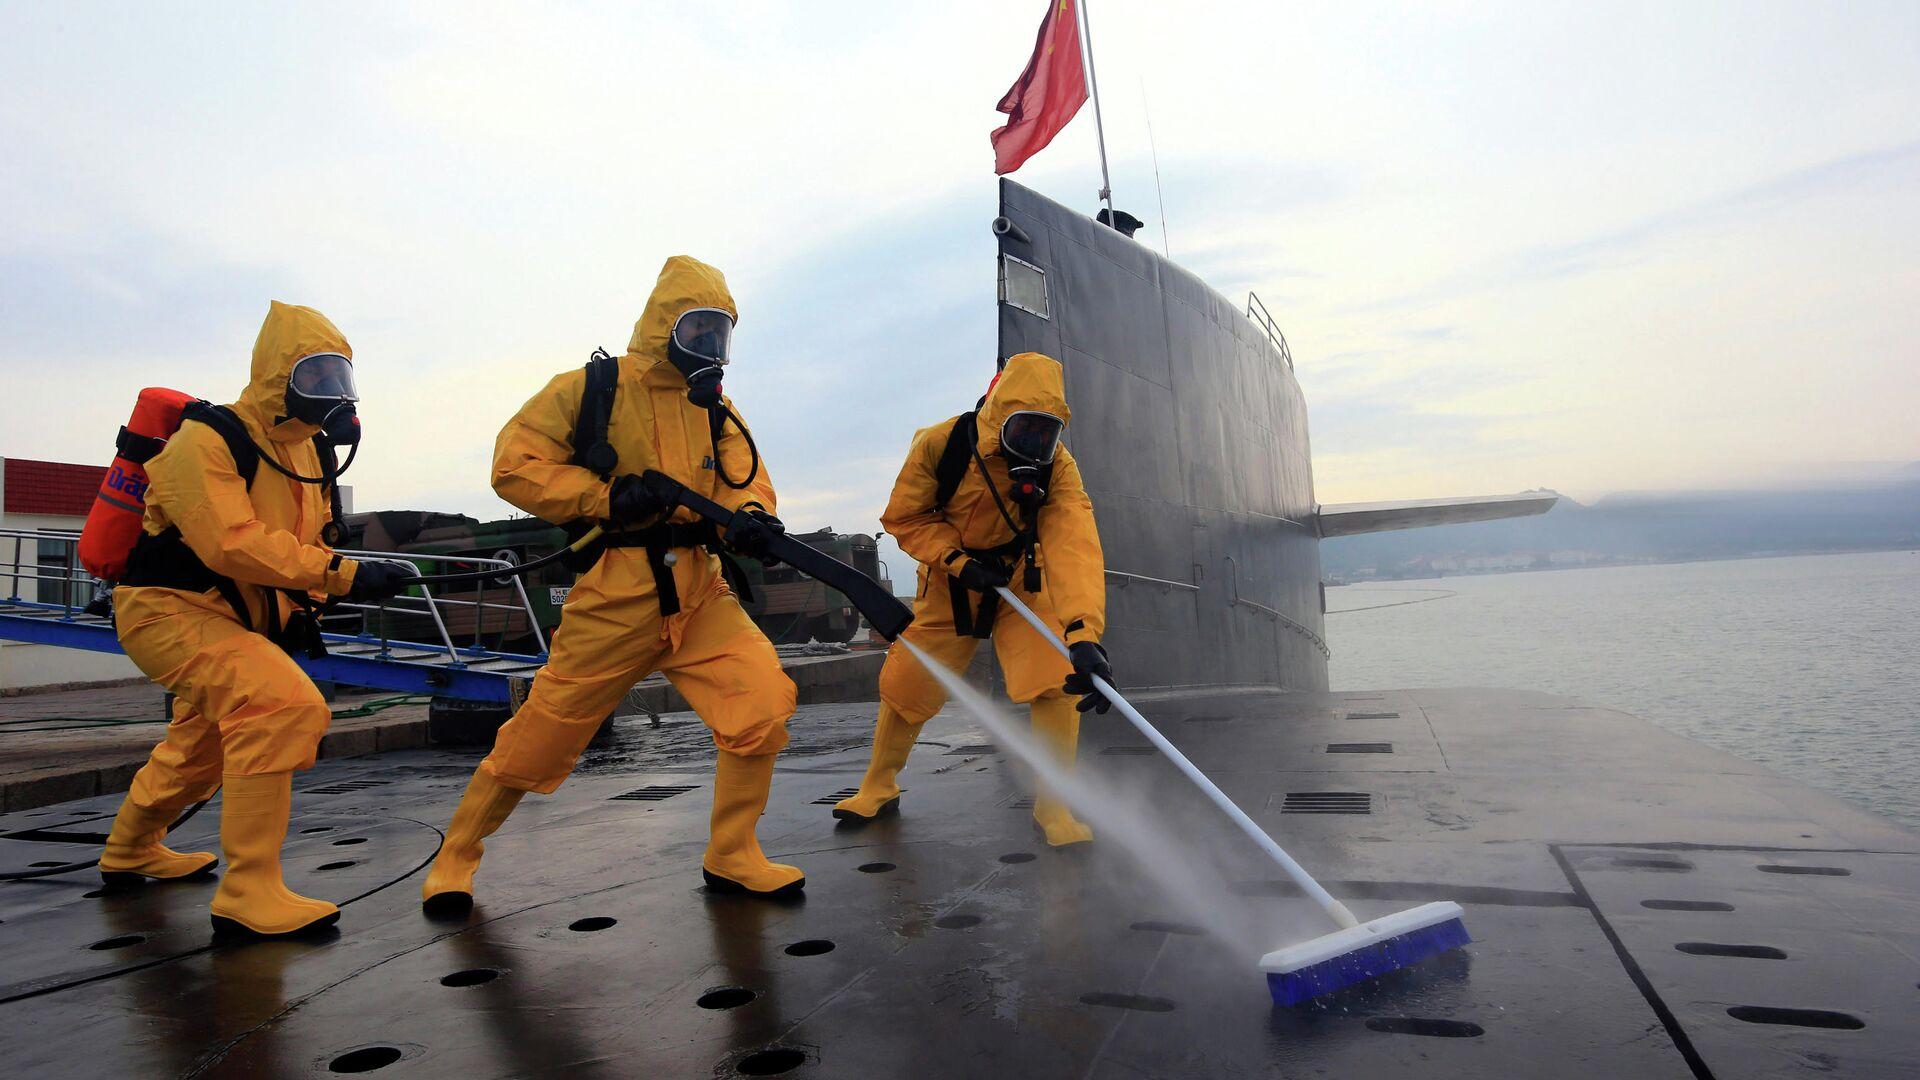 Атомная подводная лодка ВМС Китая на военной базе Циндао  - РИА Новости, 1920, 27.08.2020